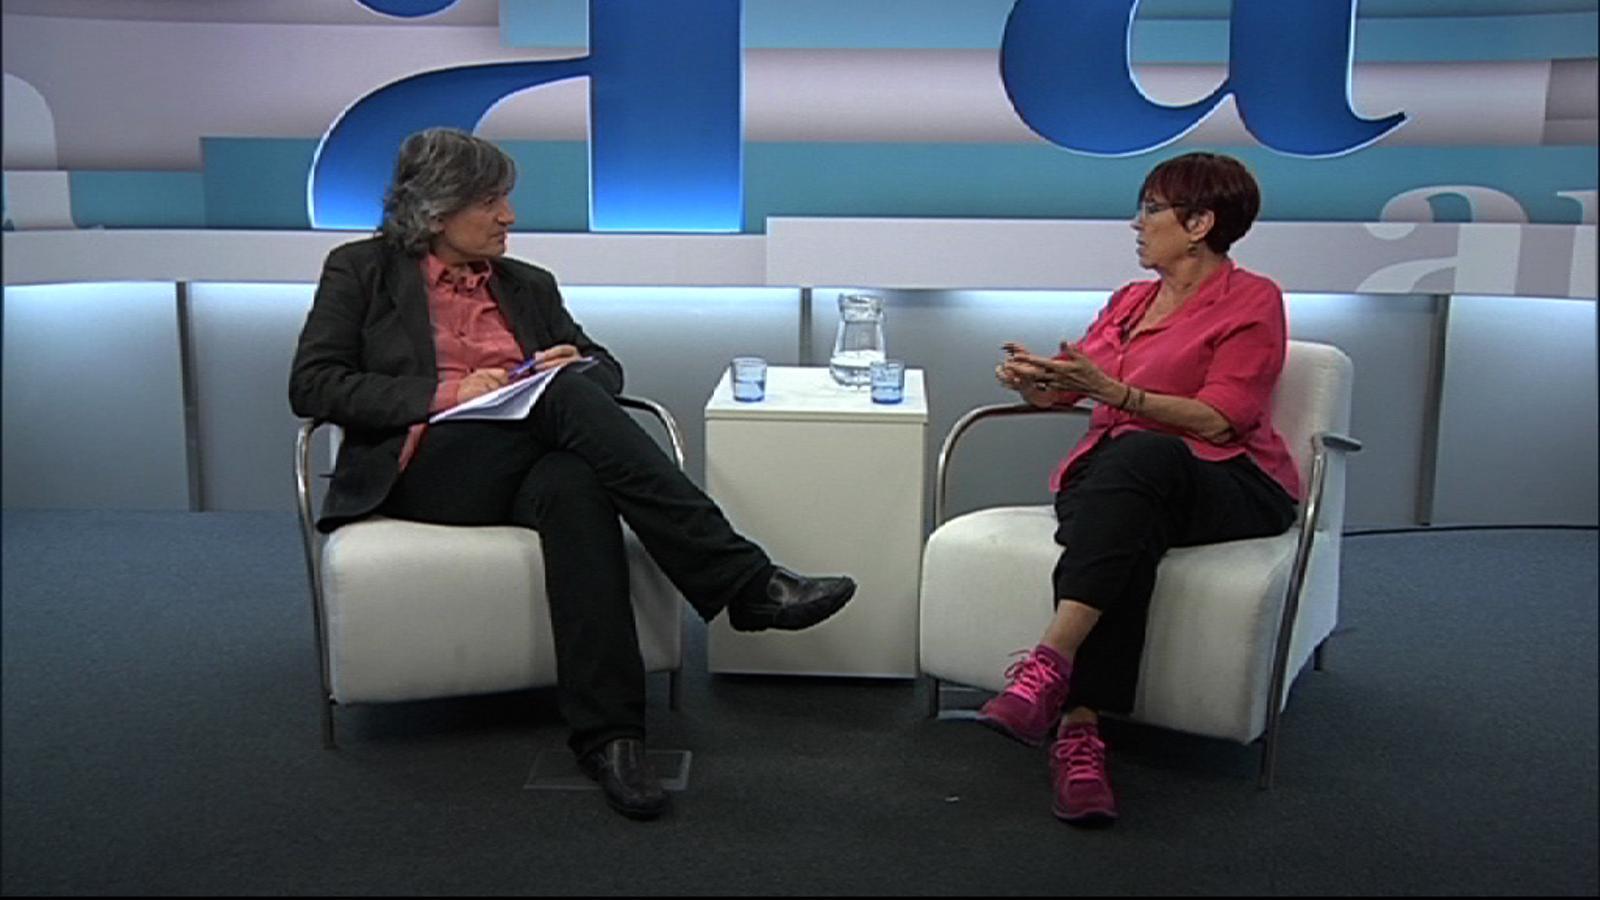 Entrevista completa de Carles Capdevila a Maruja Torres, per 'Ara TV Premium'